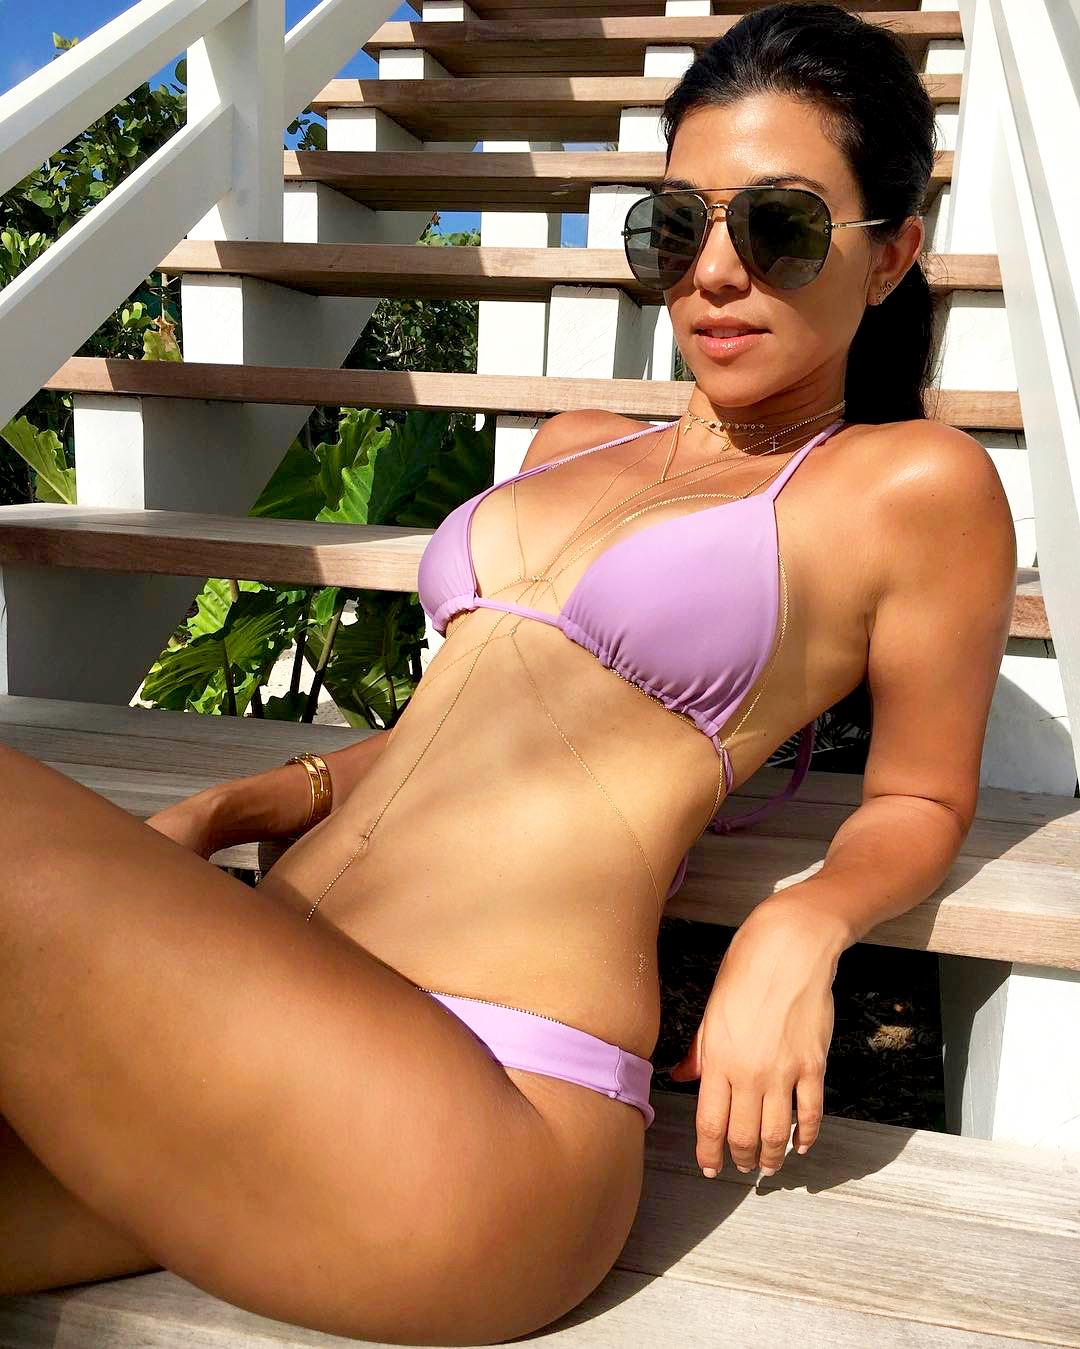 Purple bikini pose